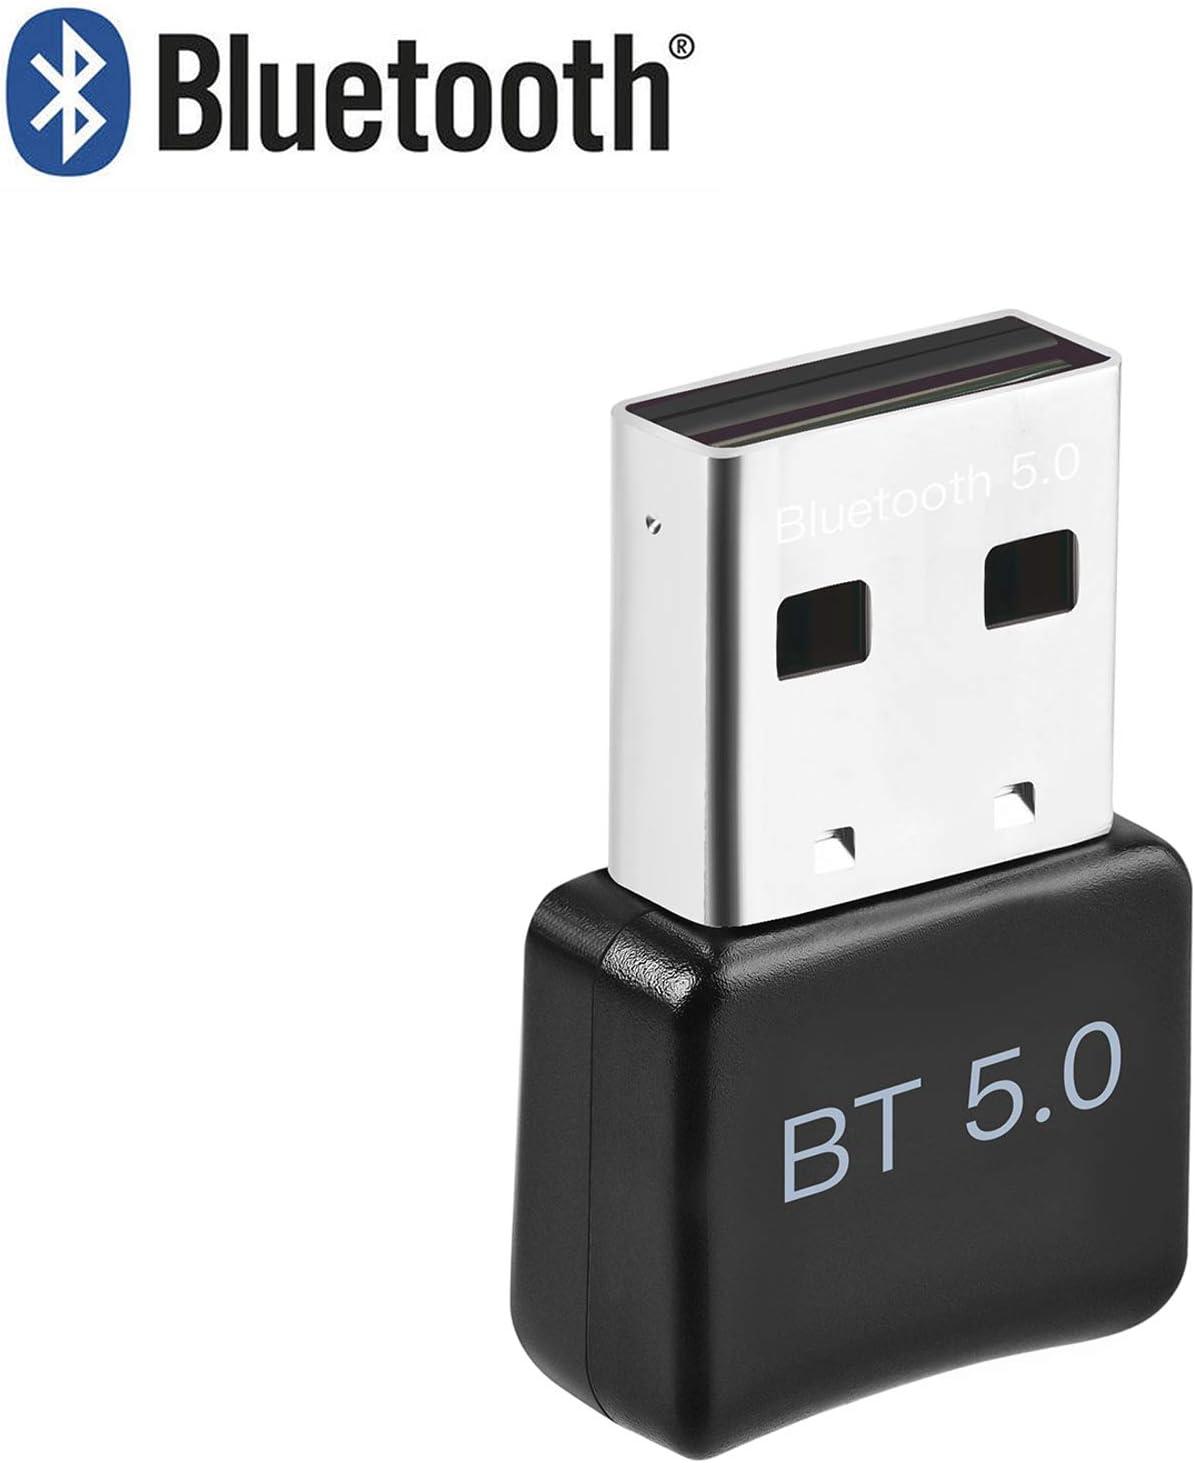 ACTGON Adaptador de Bluetooth 5.0 USB Bluetooth Transmisor y Receptor para Computadora, Escritorio, Teclado, Mouse Inalámbrico, Bluetooth USB Dongle Compatible con Windows 10, 8,7, XP, Vist